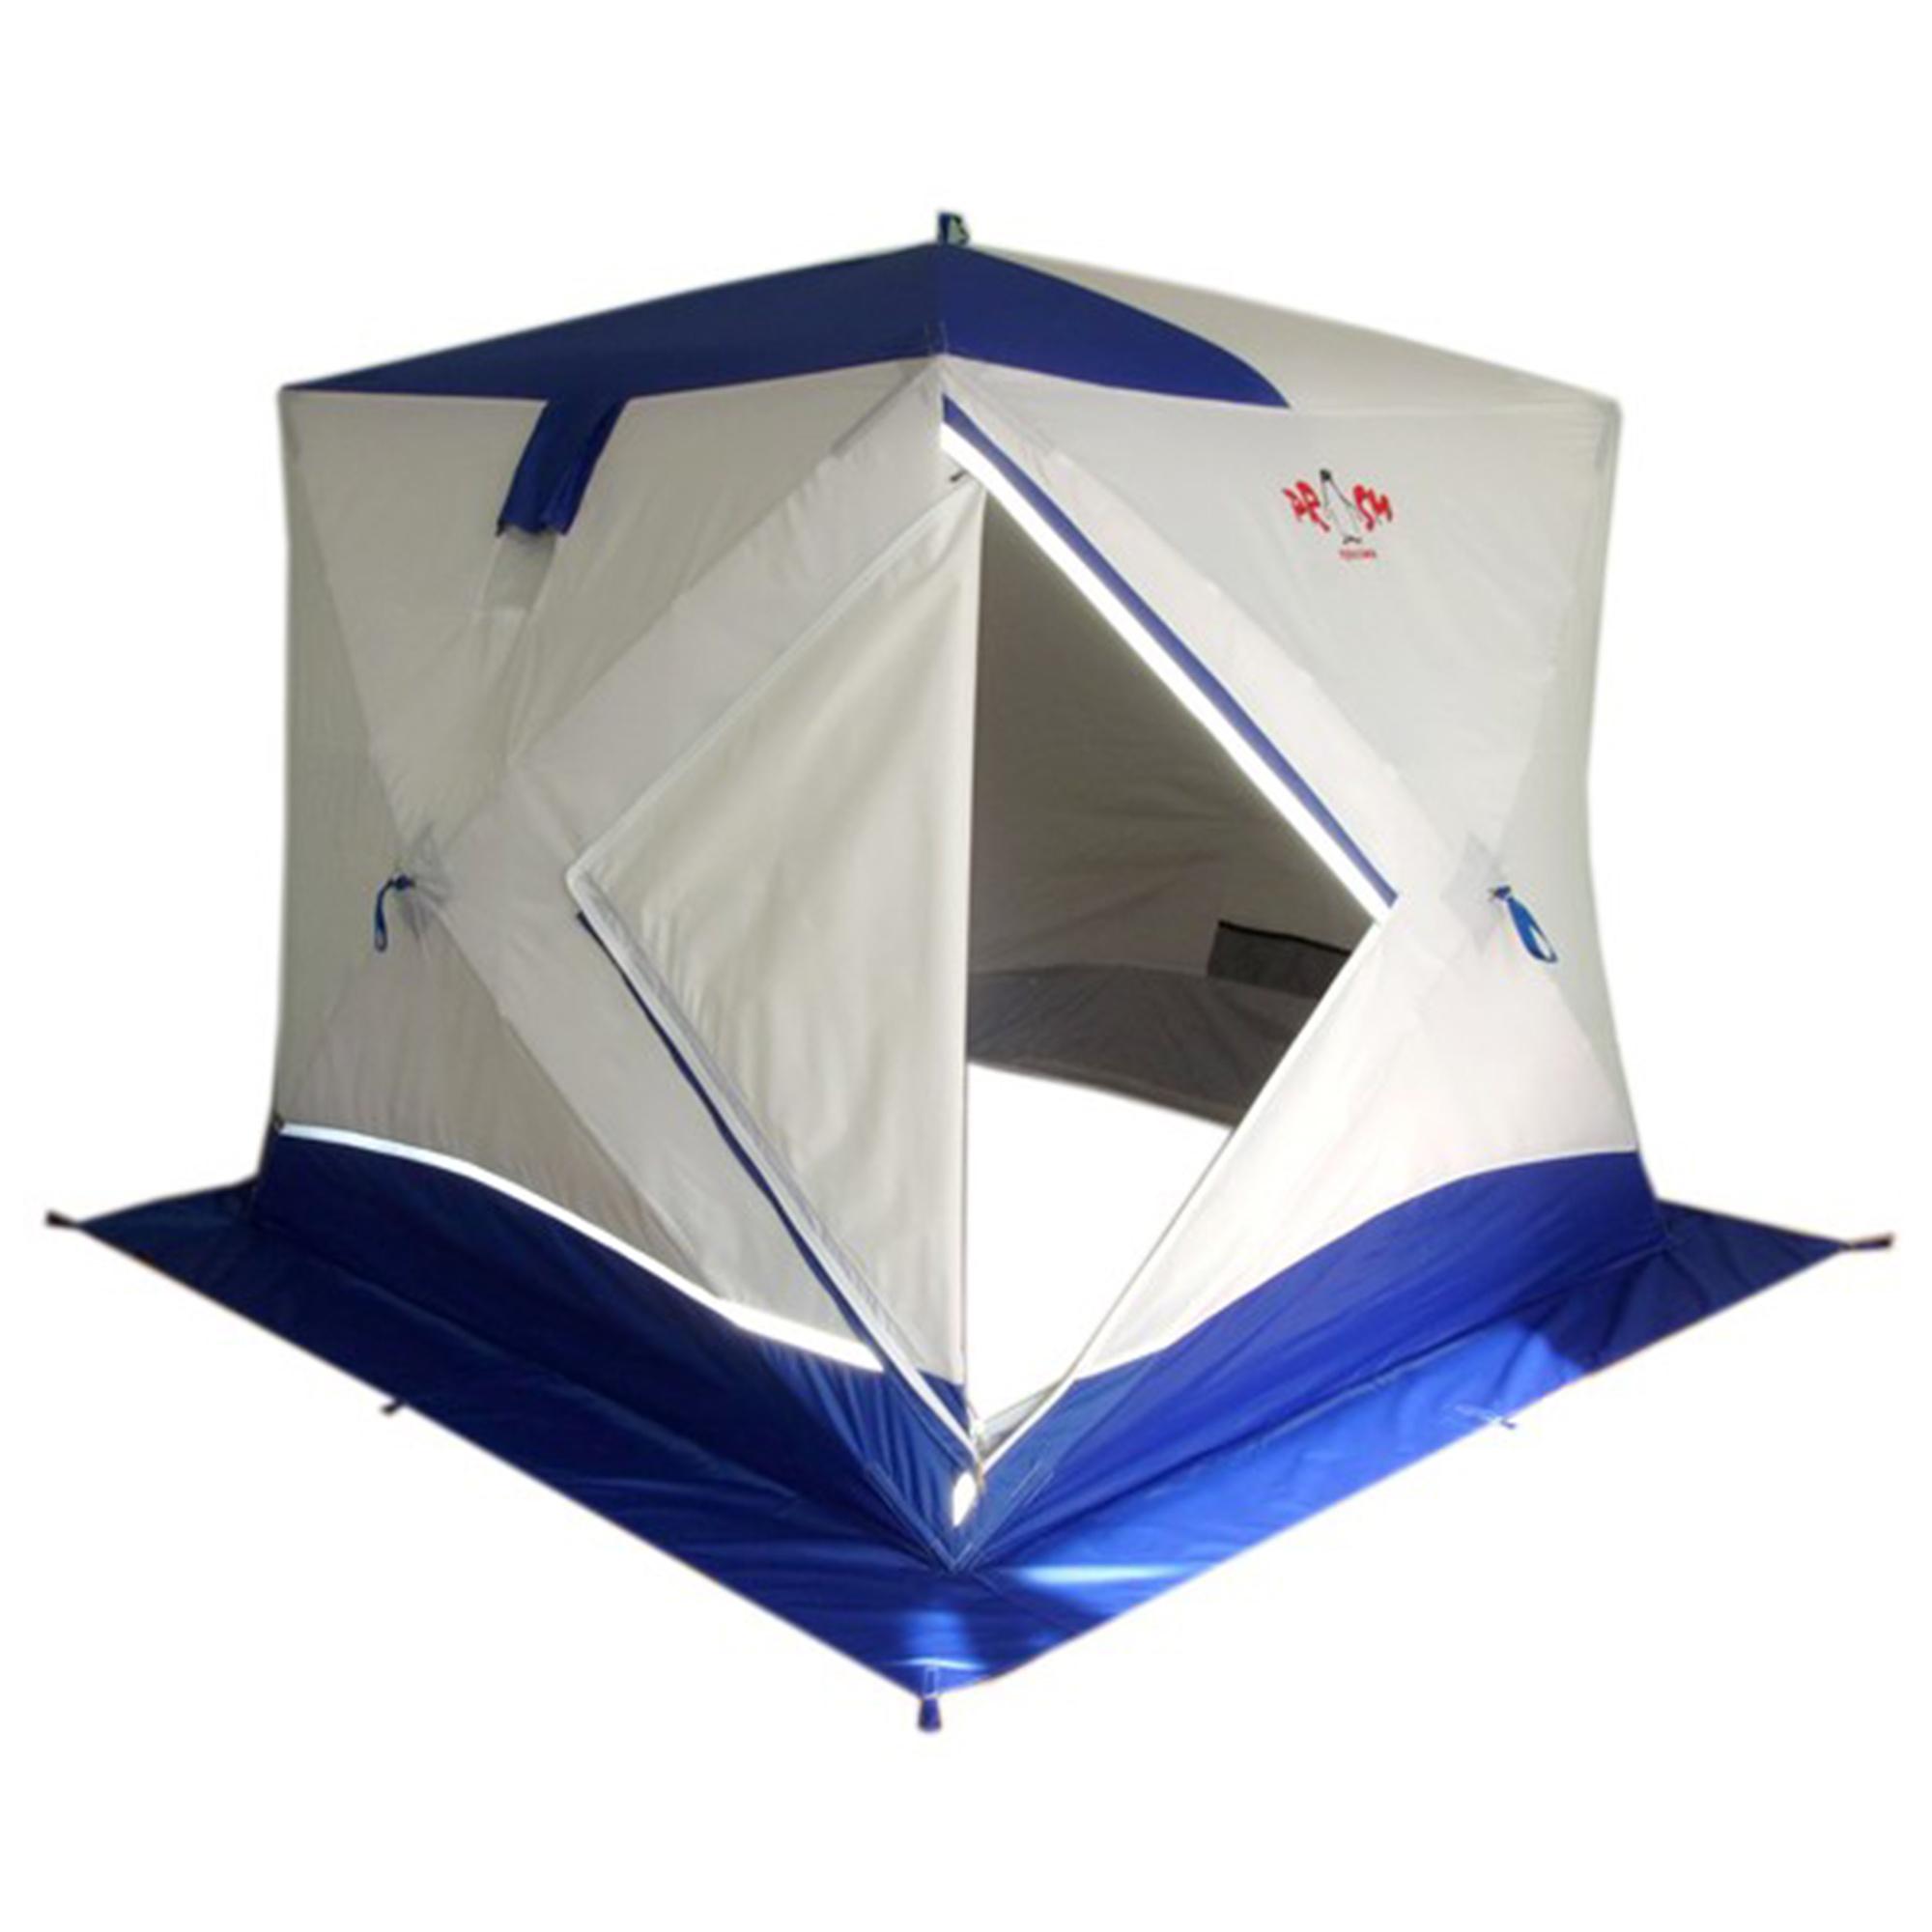 Палатка-куб ПИНГВИН Призма Премиум STRONG (2-сл. 225*215), Палатки - арт. 1128460162